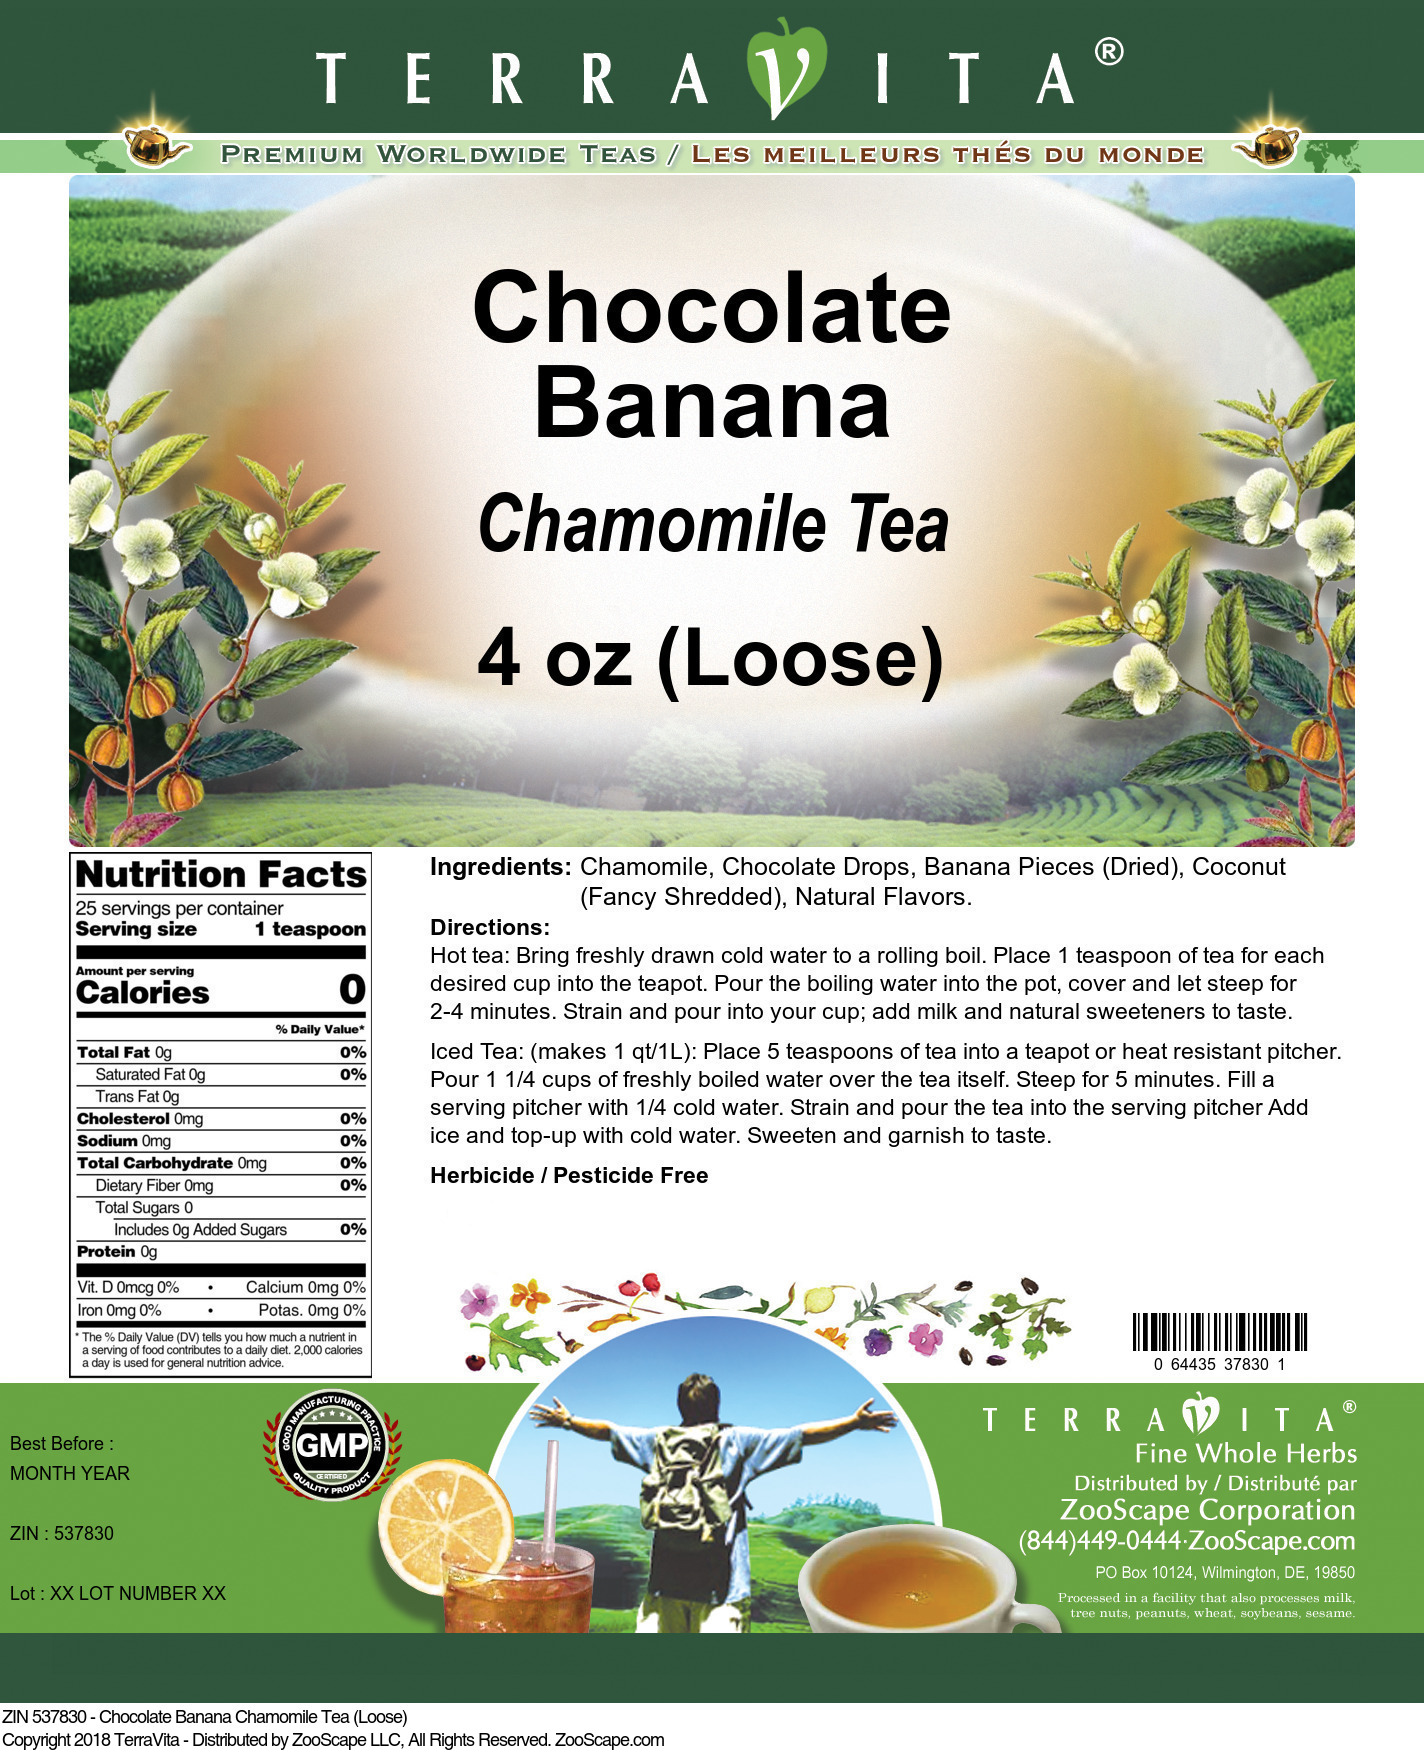 Chocolate Banana Chamomile Tea (Loose)